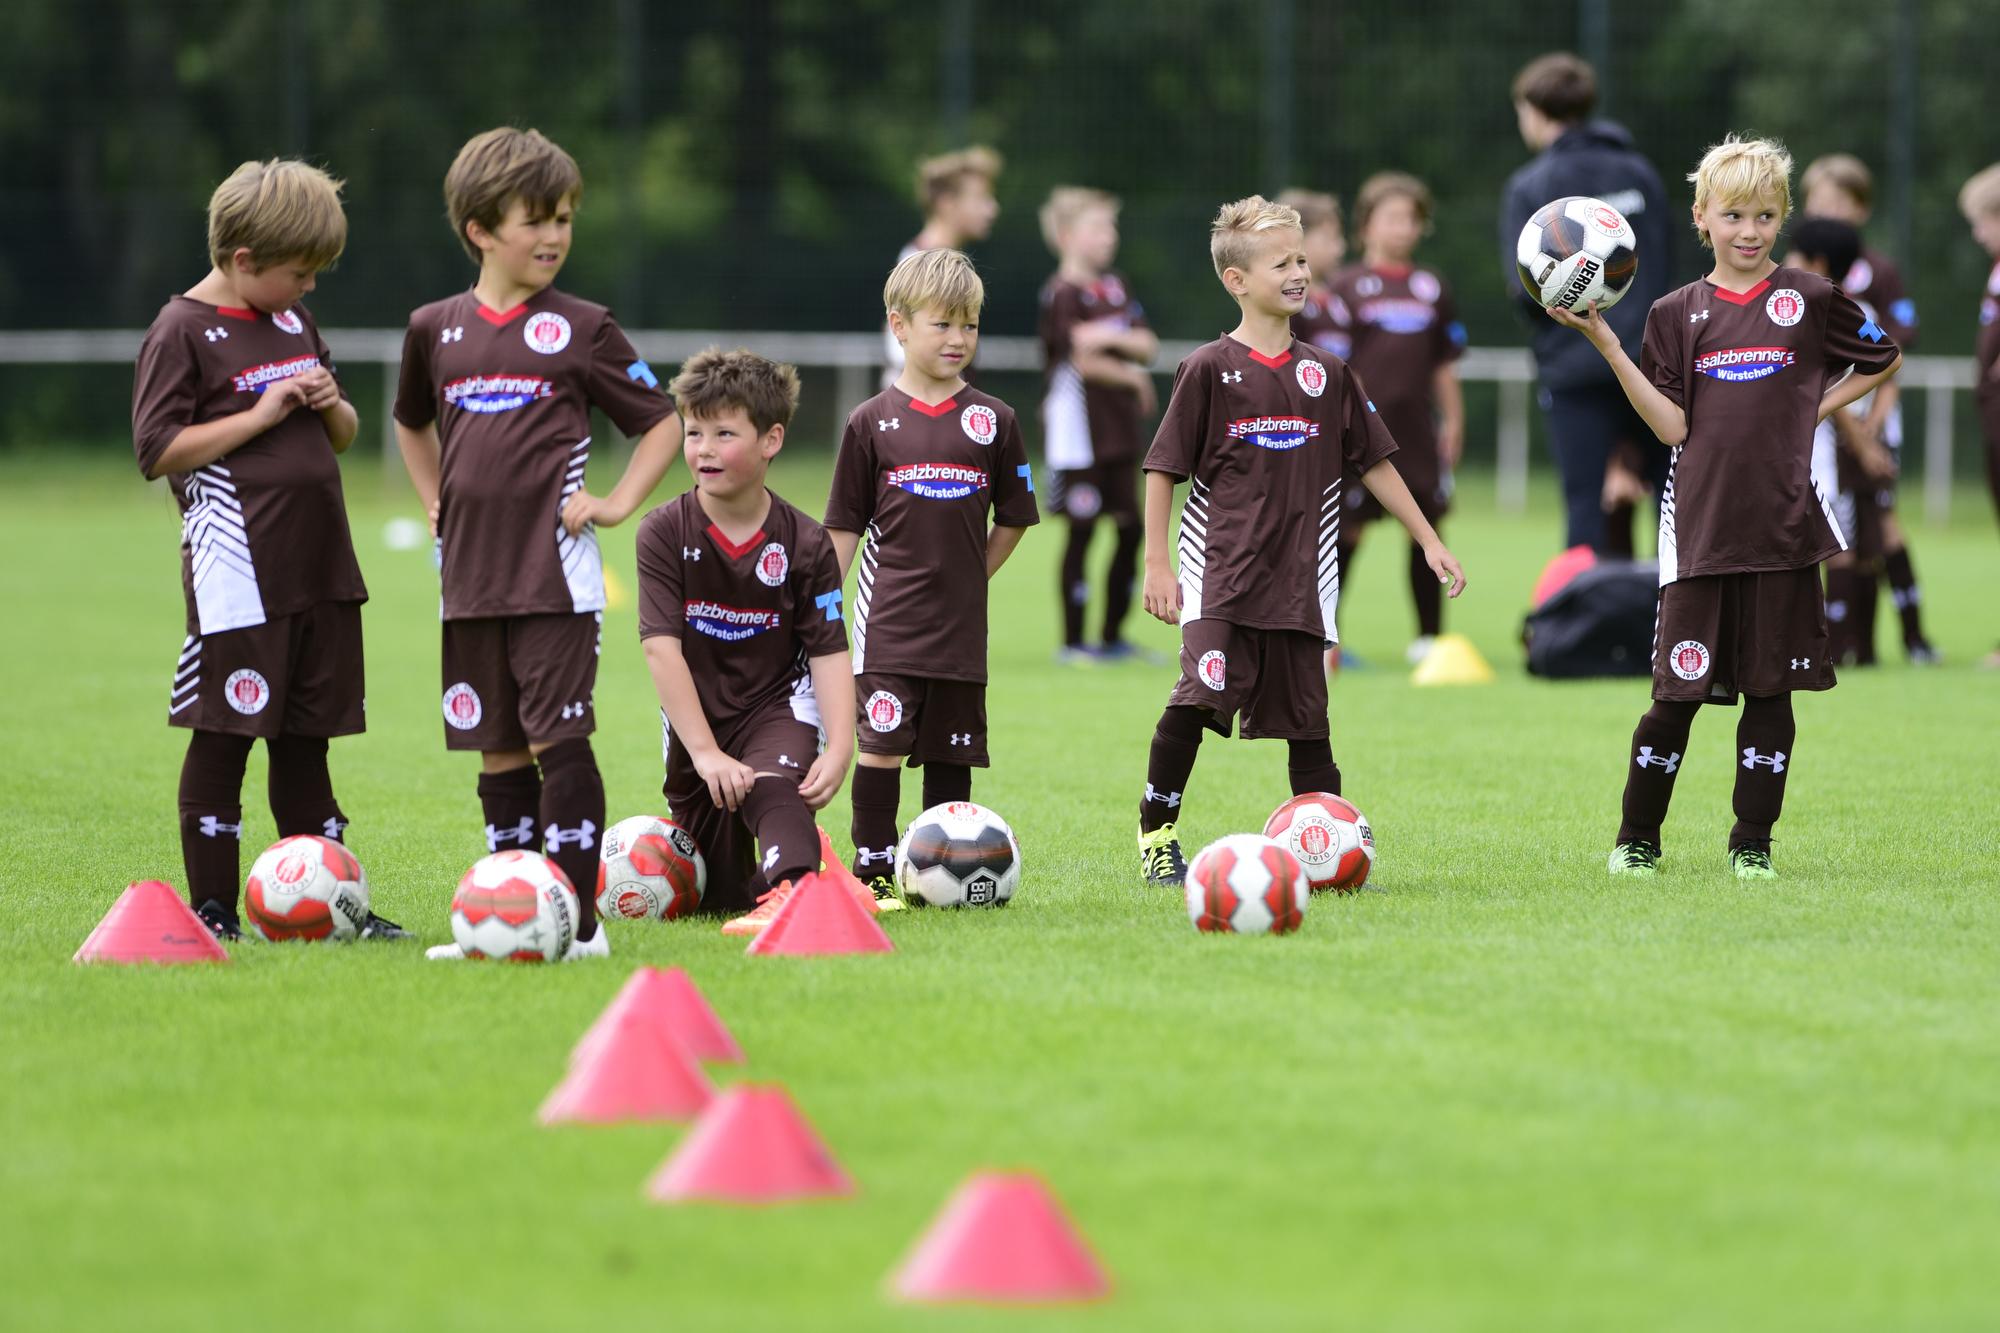 Neue Camptermine der FC St. Pauli Rabauken – Fußballschule online